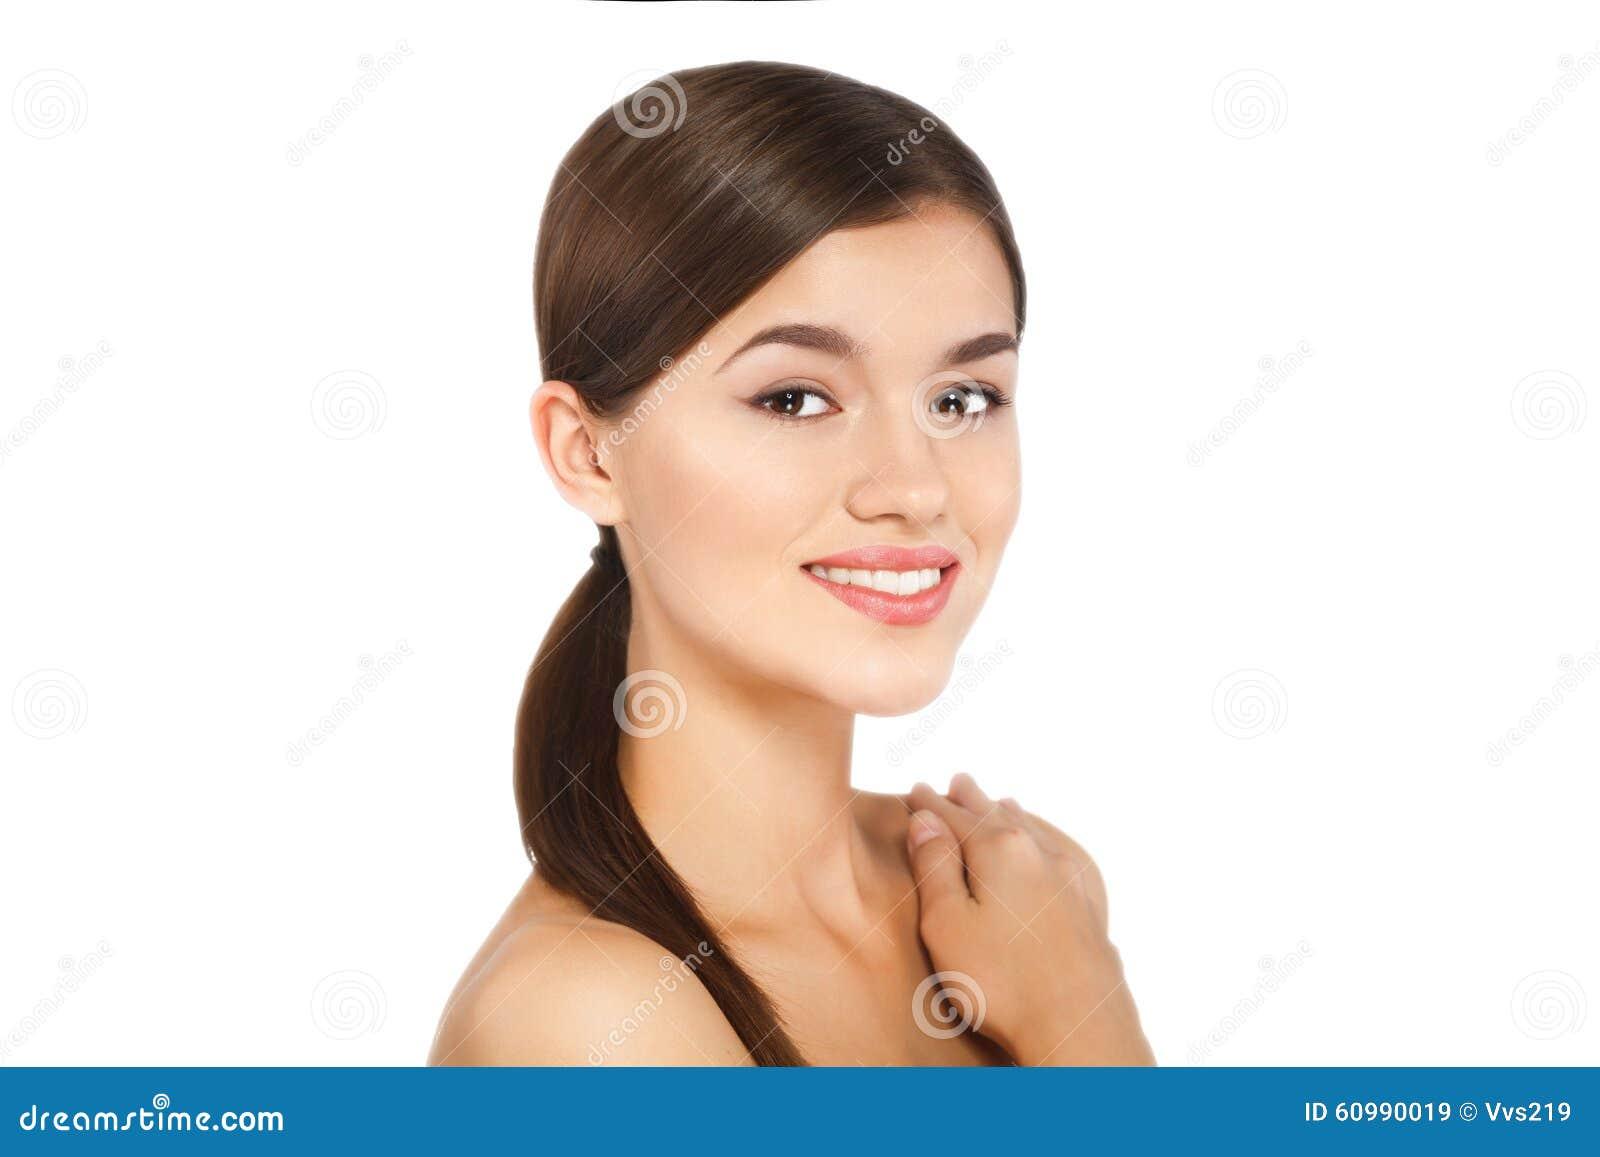 Portret van schoonheids jonge vrouw vrolijk met natuurlijke samenstelling